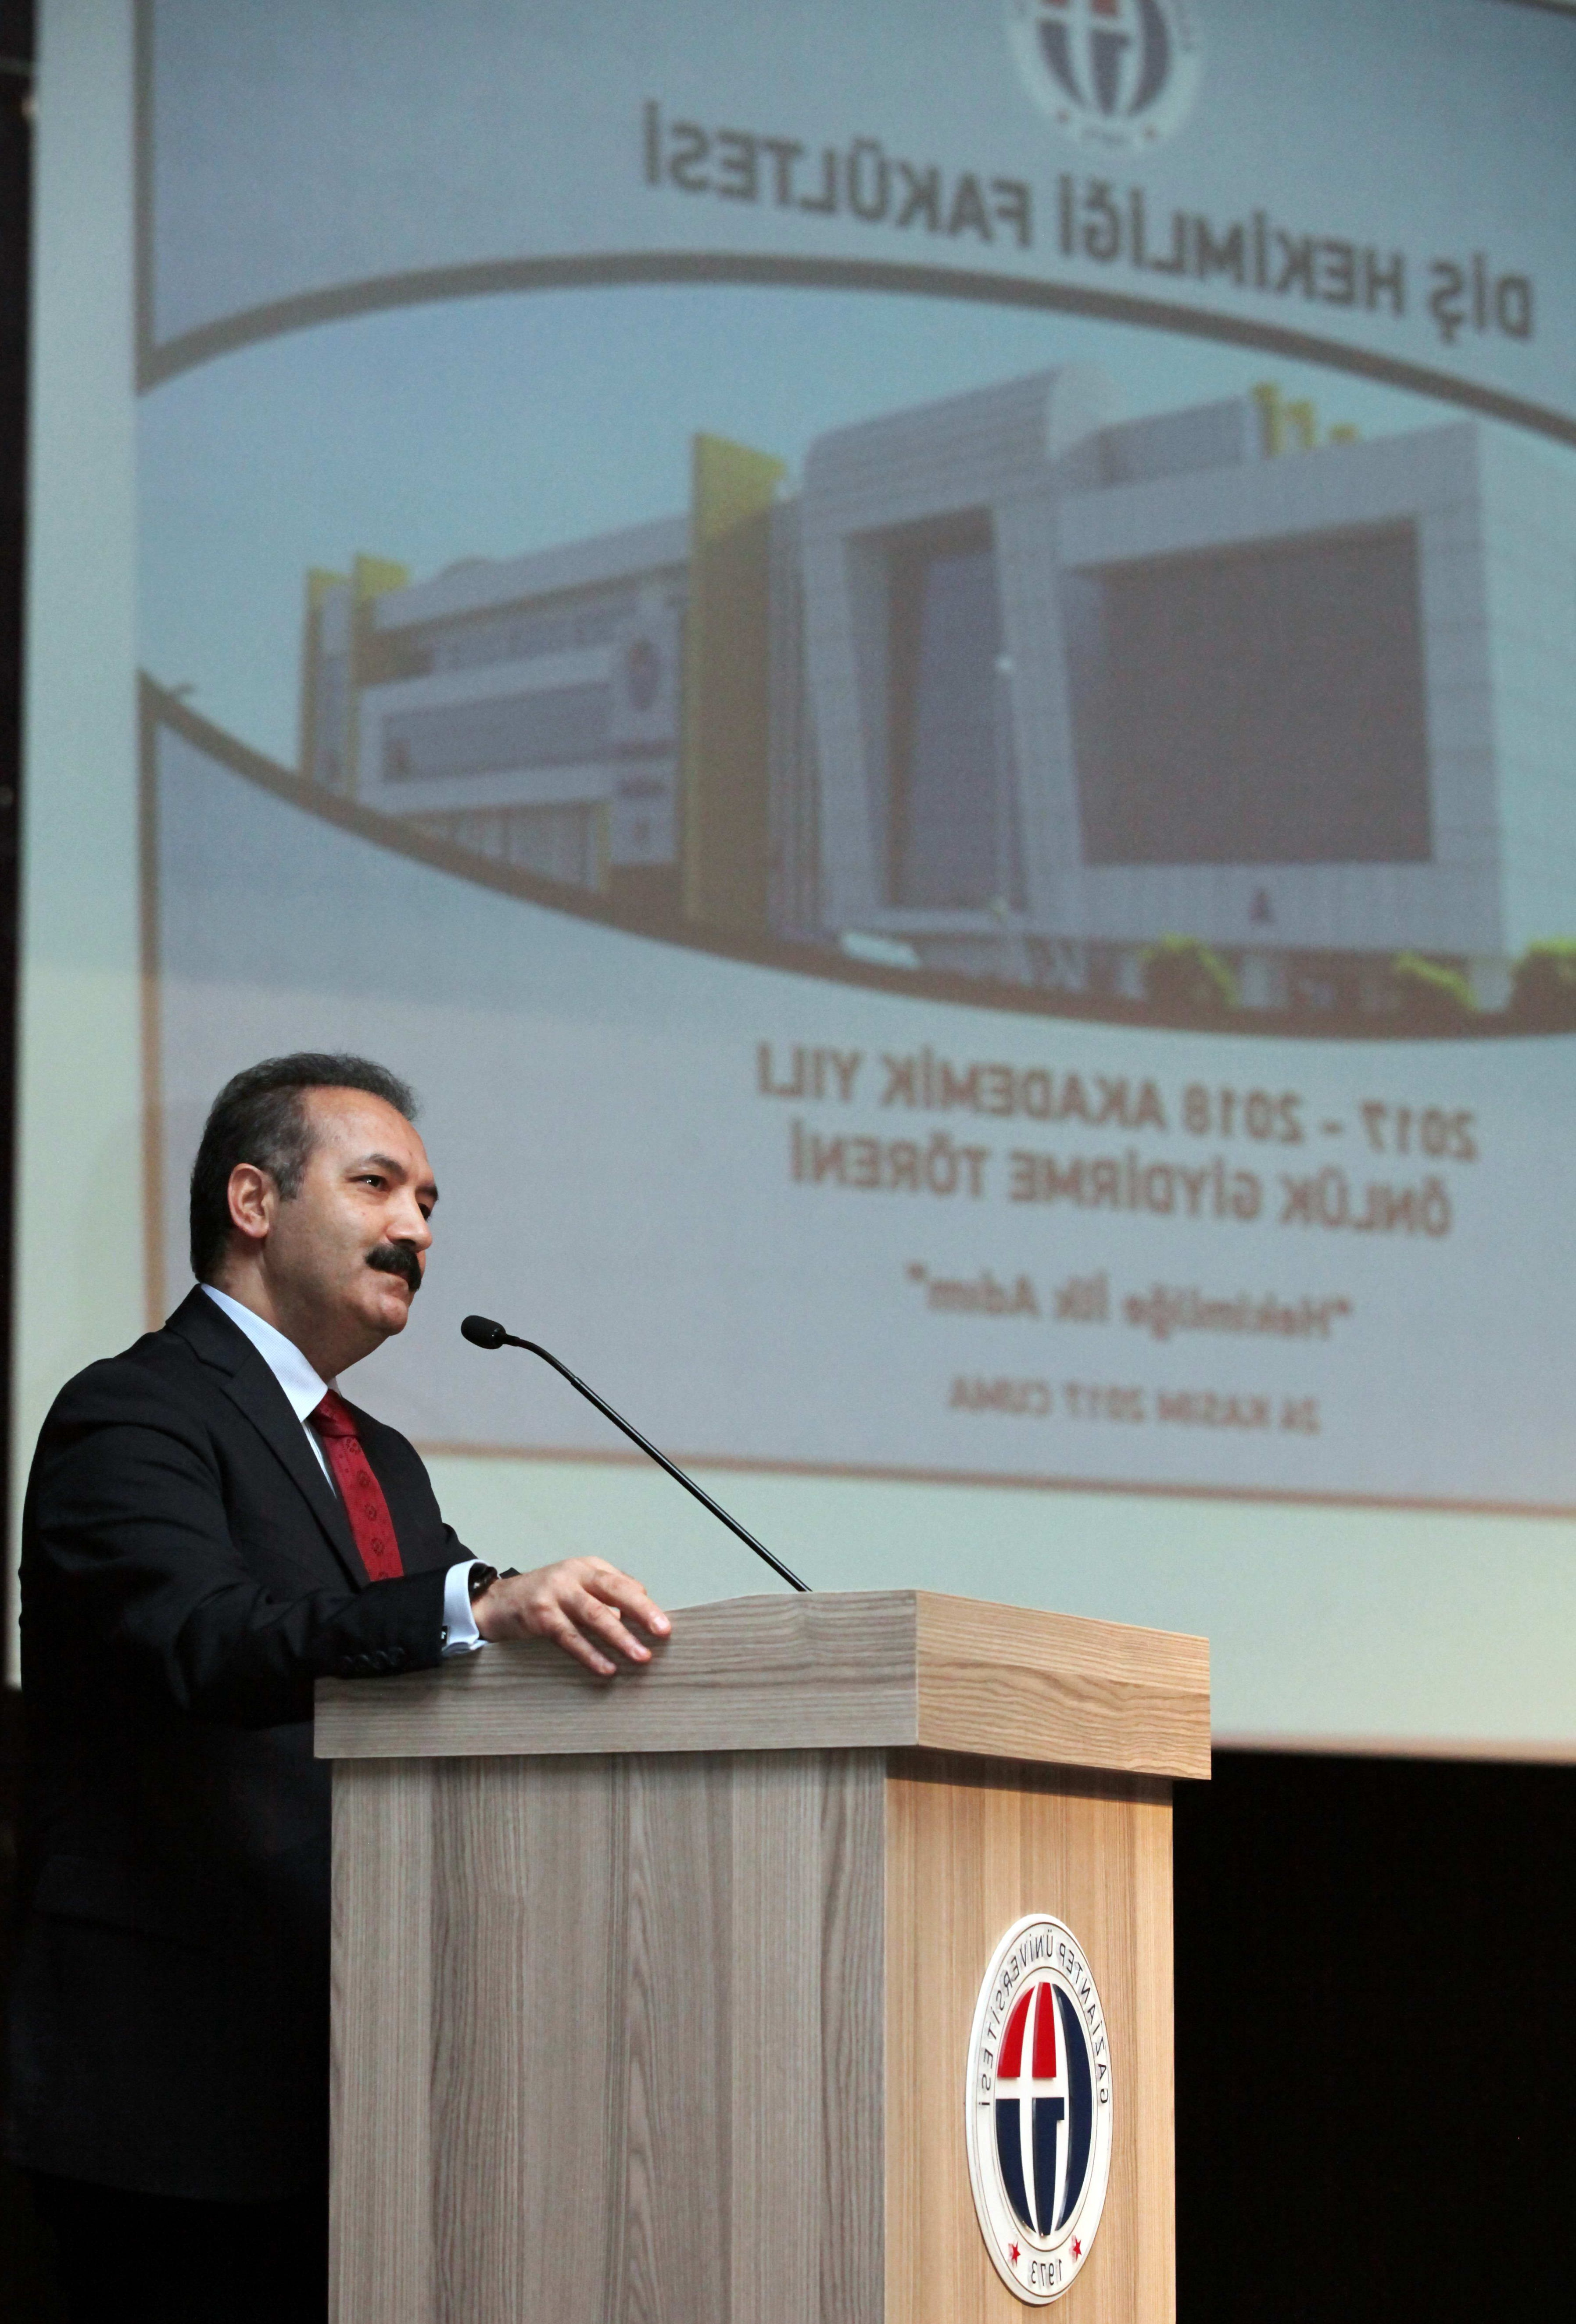 GAÜN'DE 74 ÖĞRENCİ BEYAZ ÖNLÜK GİYDİ -  (Prof.Dr.Ali GÜR)